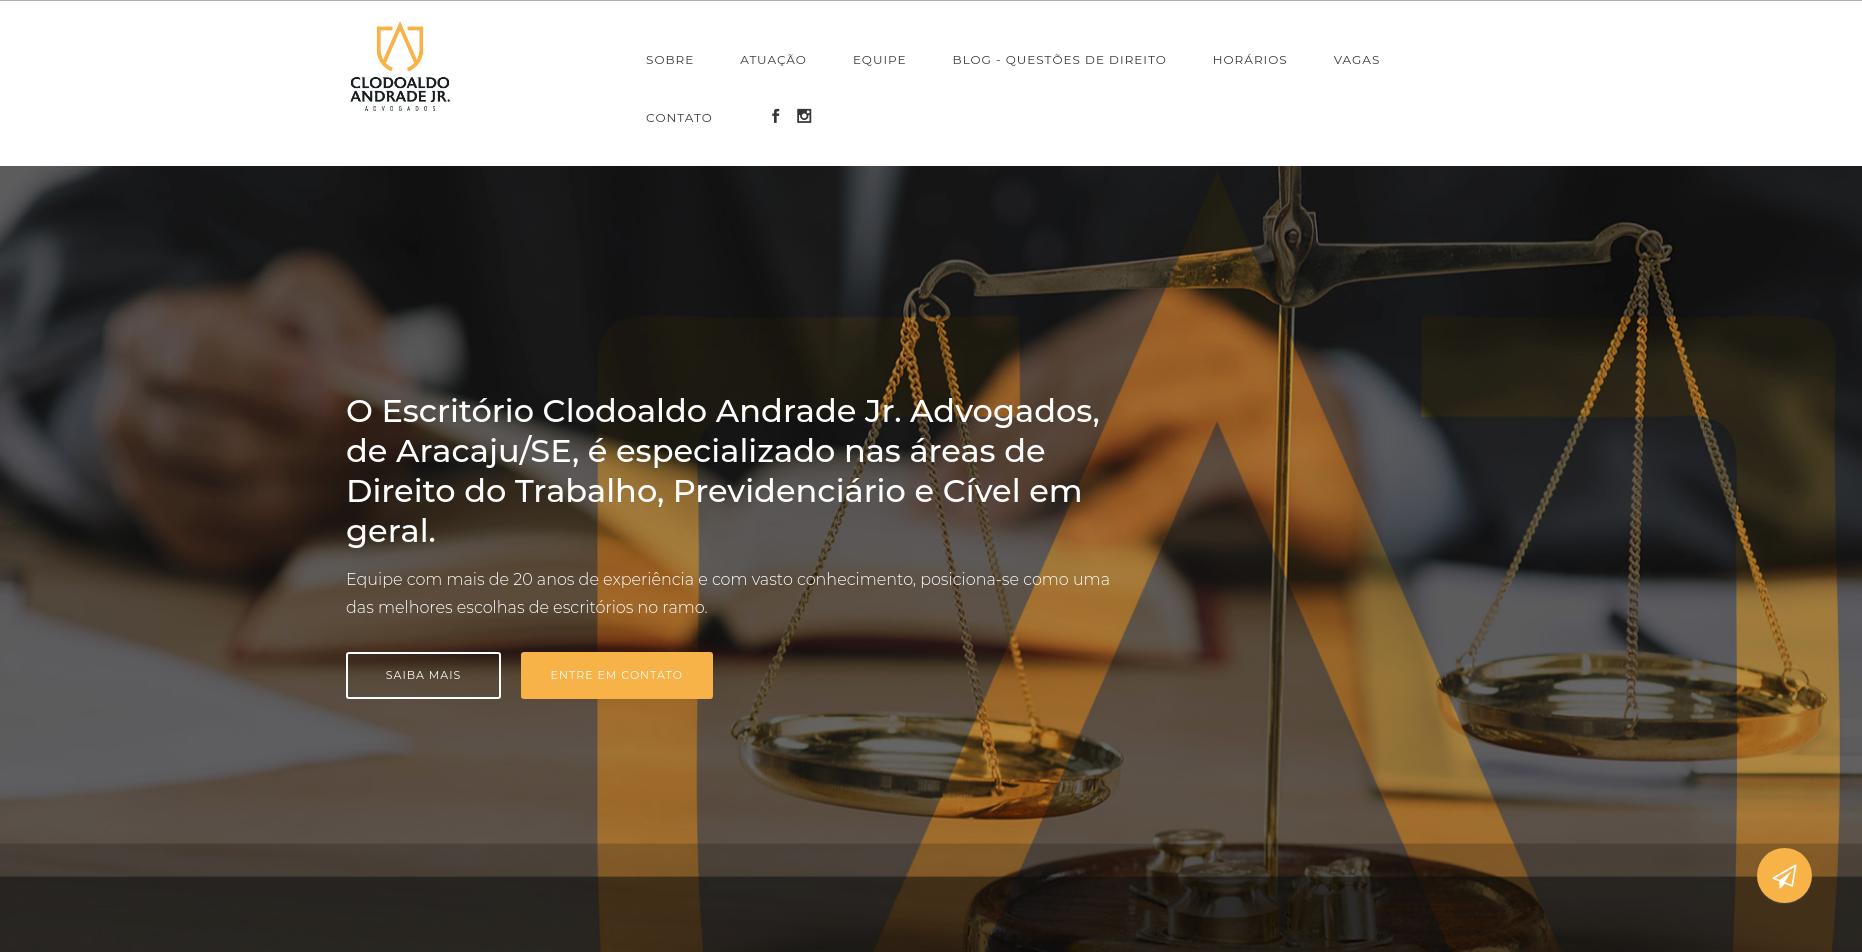 Clodoaldo Andrade Jr. Advocacia